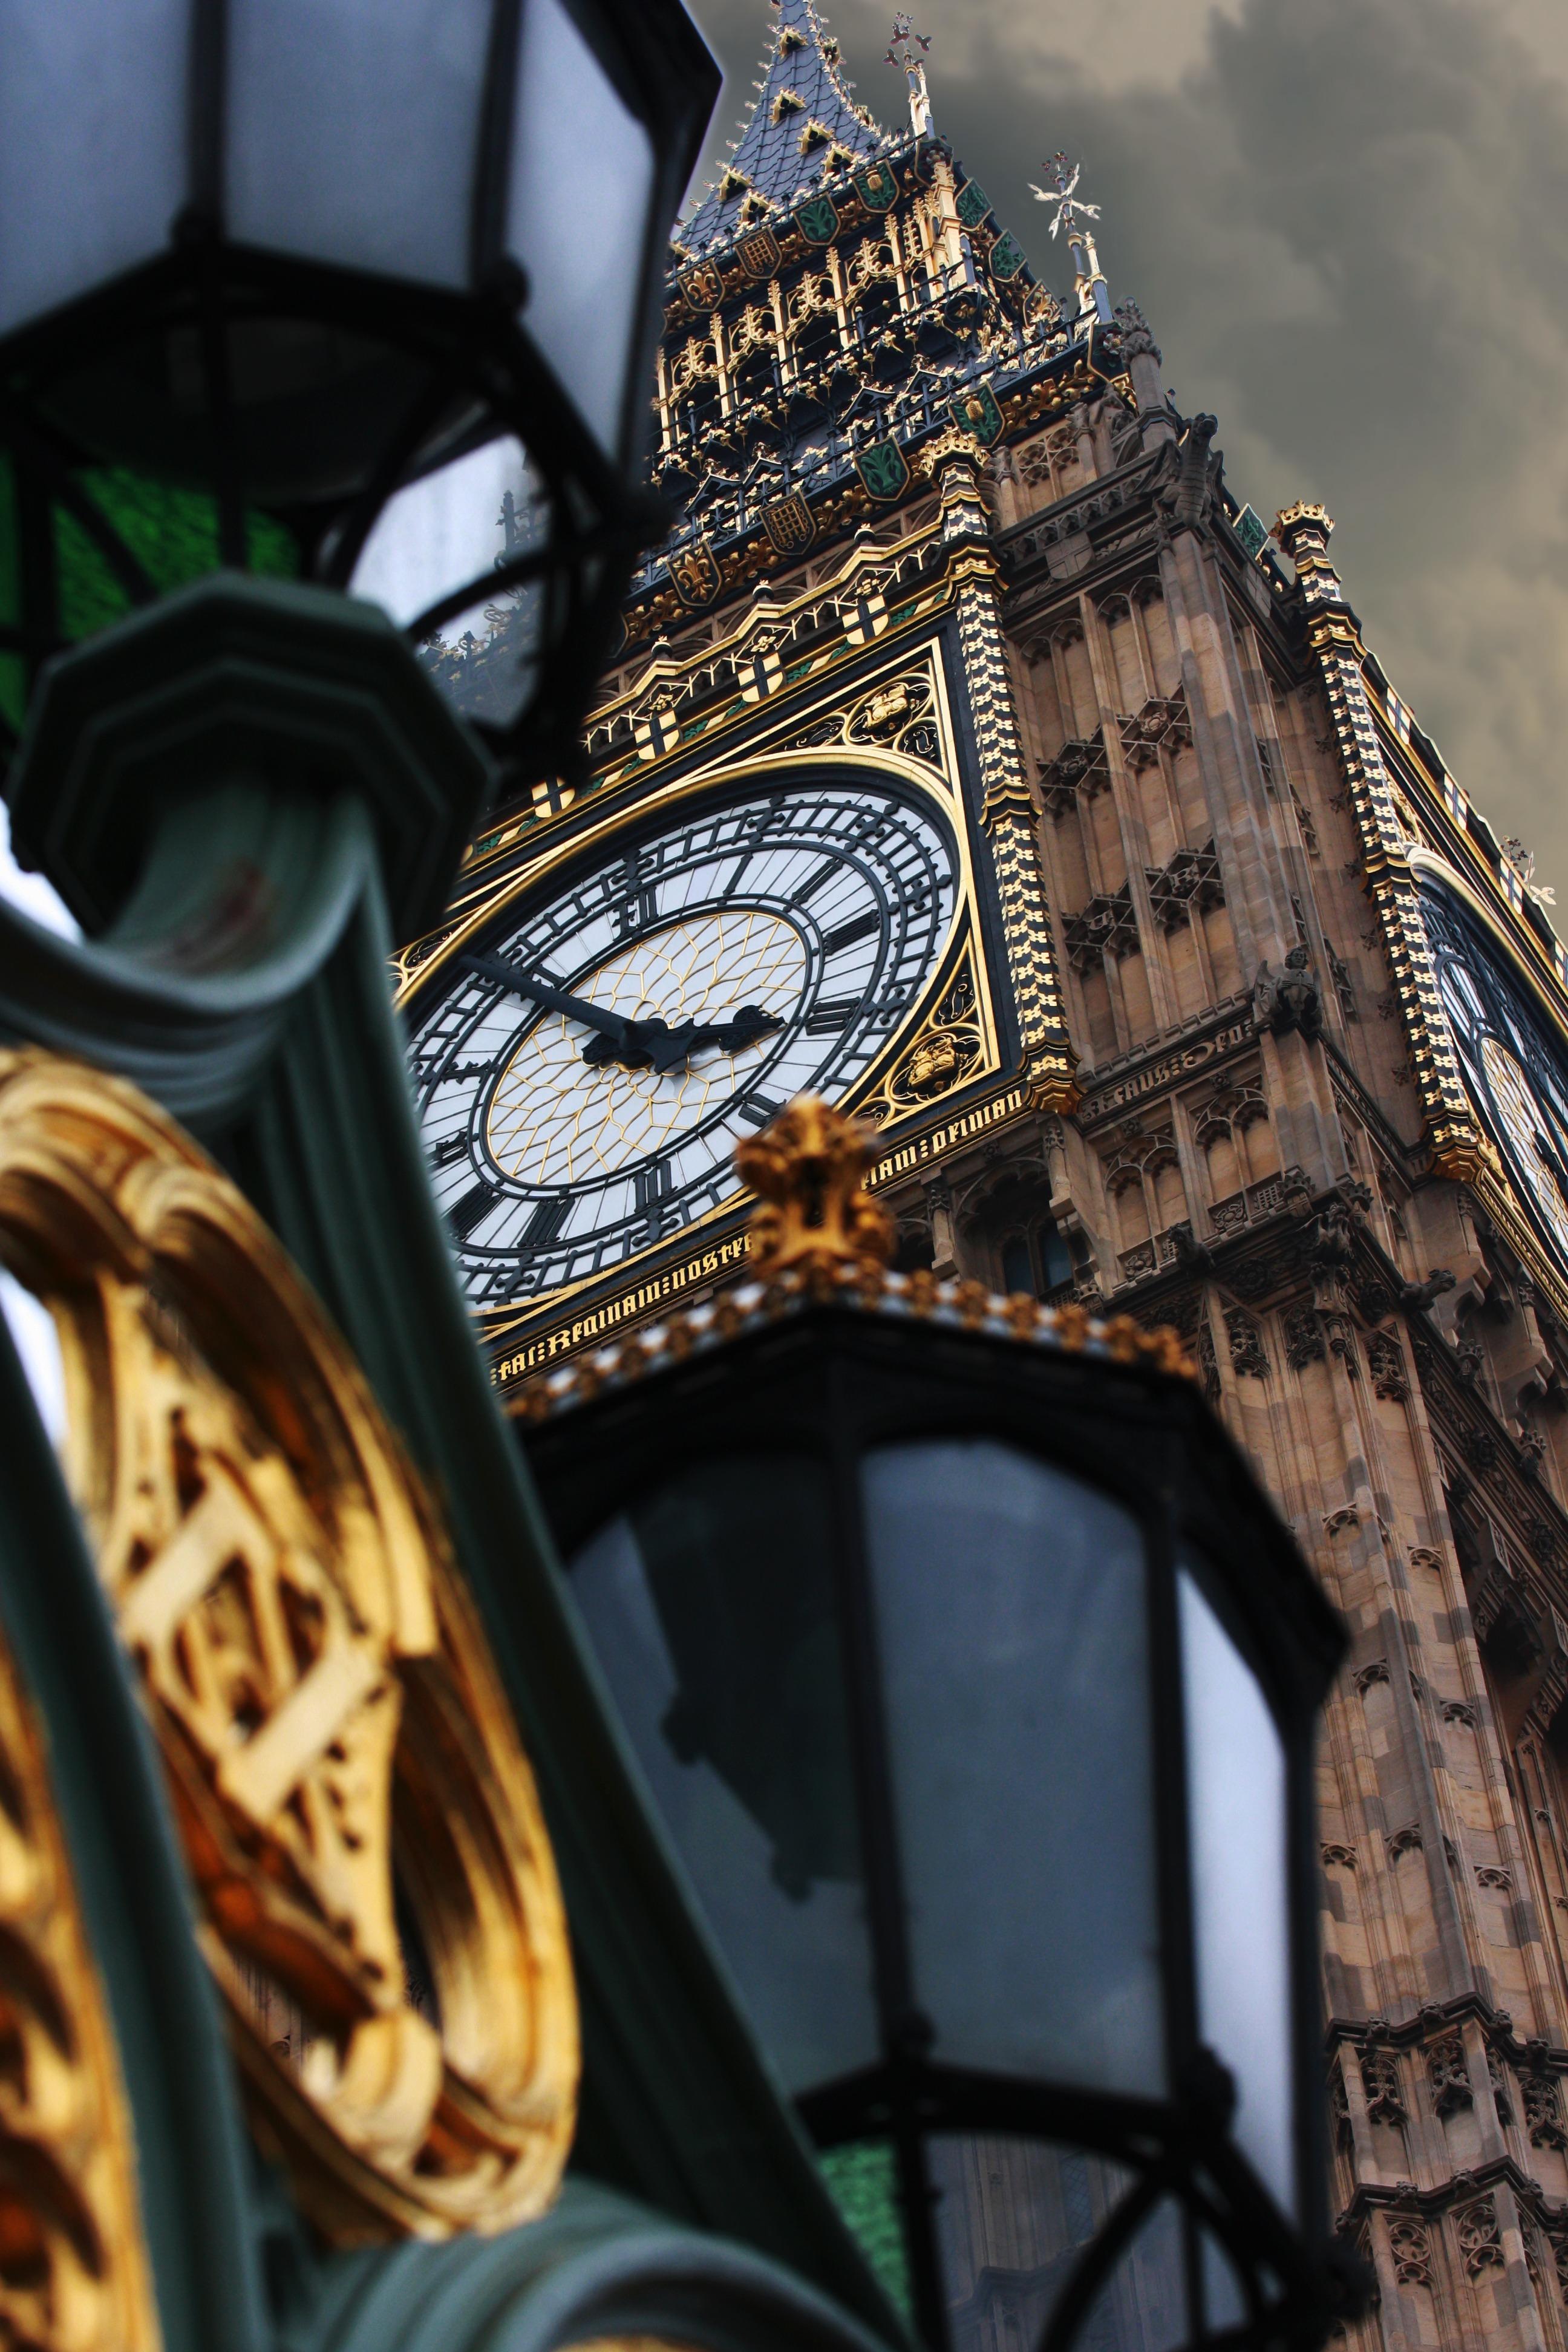 Moody clock tower close-up